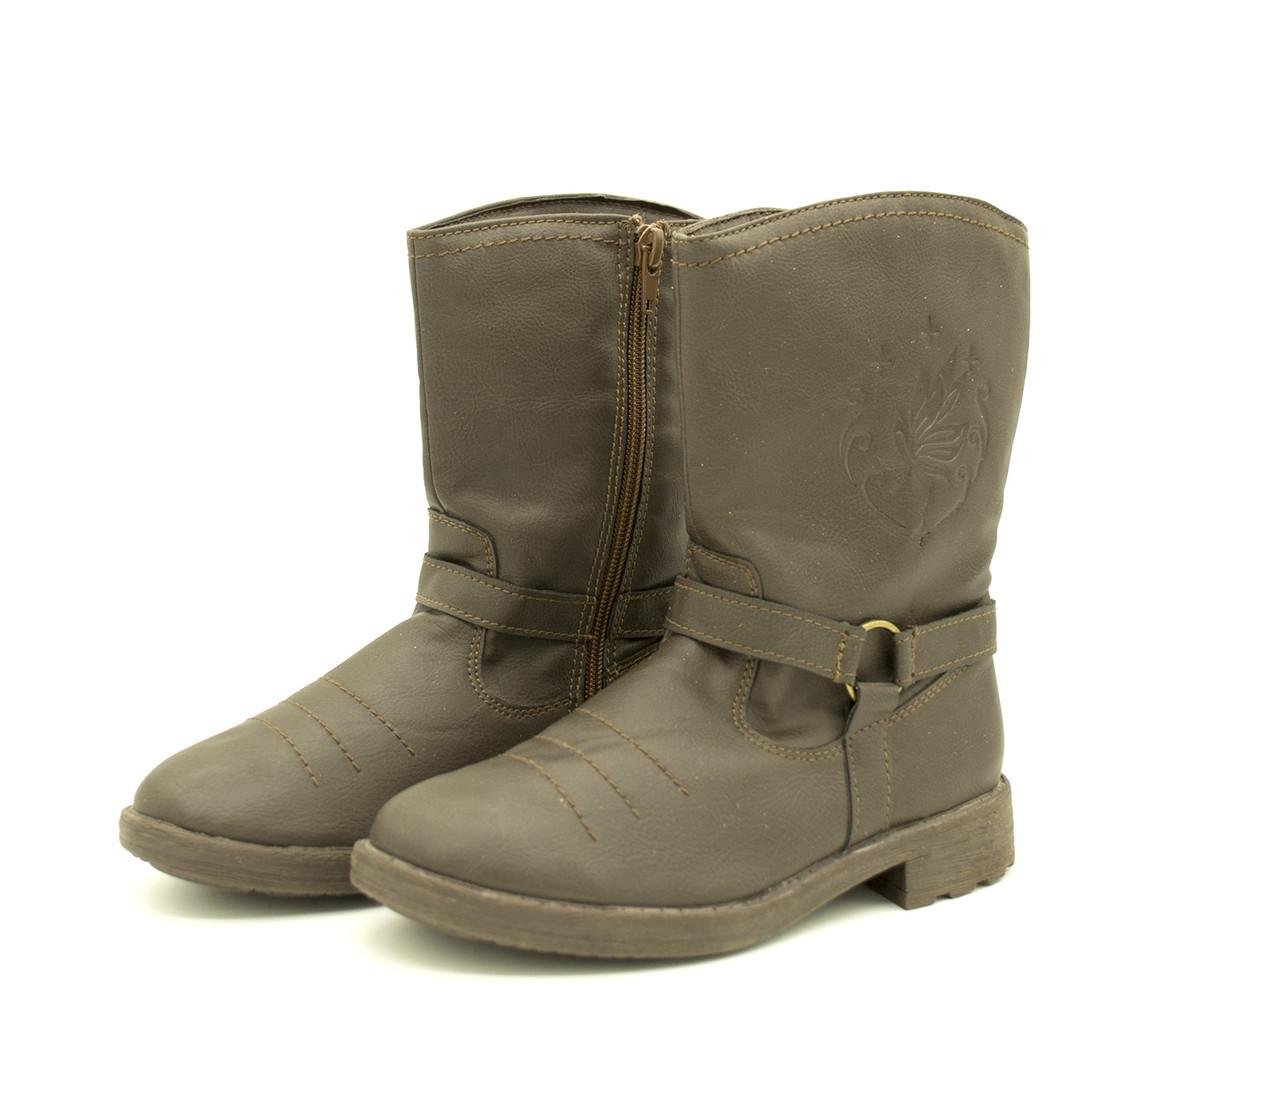 Ботинки Peperts (Германия) для девочки Демисезон Размеры: 32